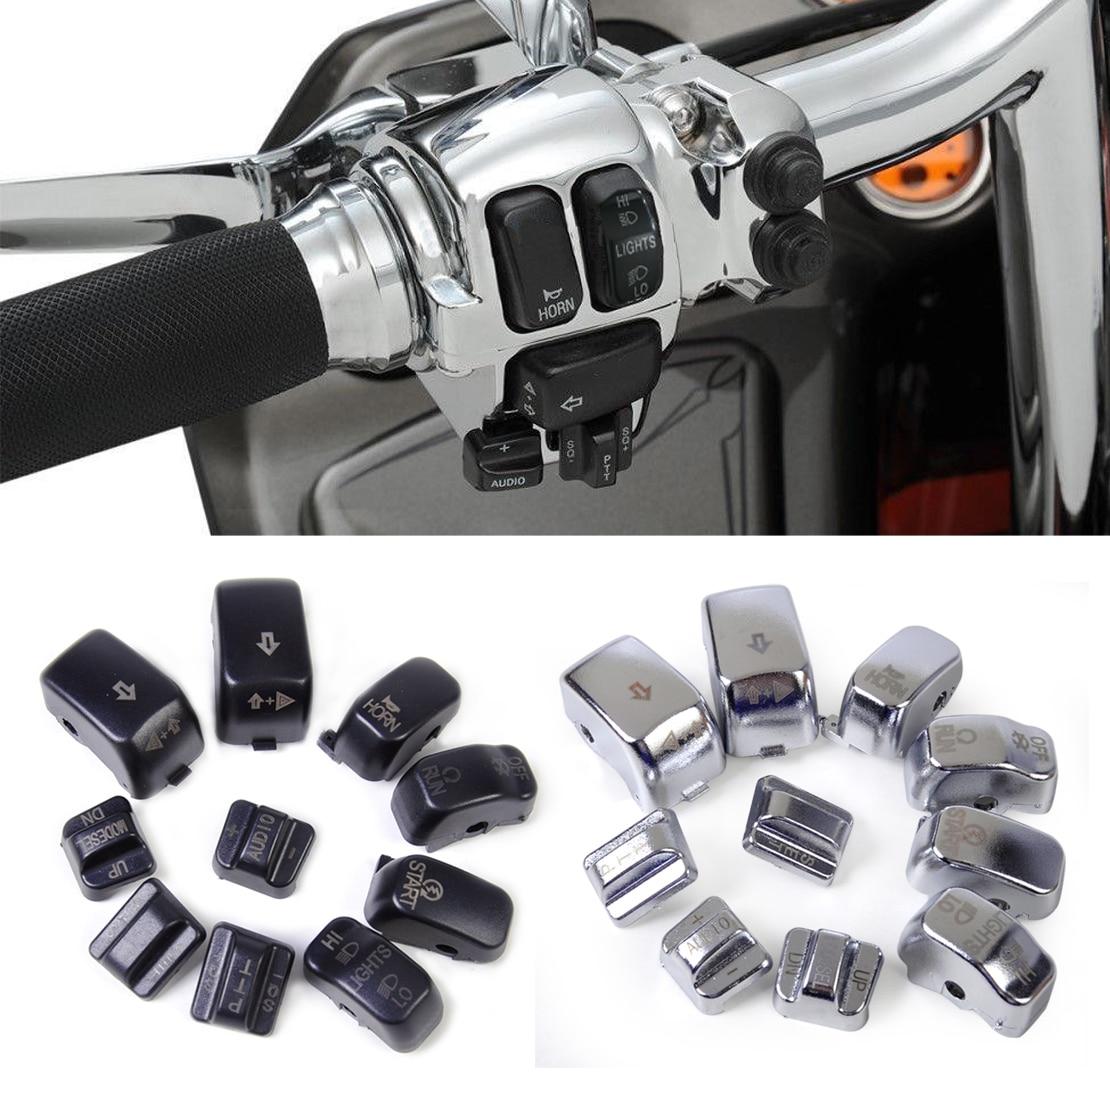 Beler 10 pièces boîtier de remplacement interrupteur capuchon bouton couvercle Kit pour Harley croix os Softail Dyna route roi Electra Glide